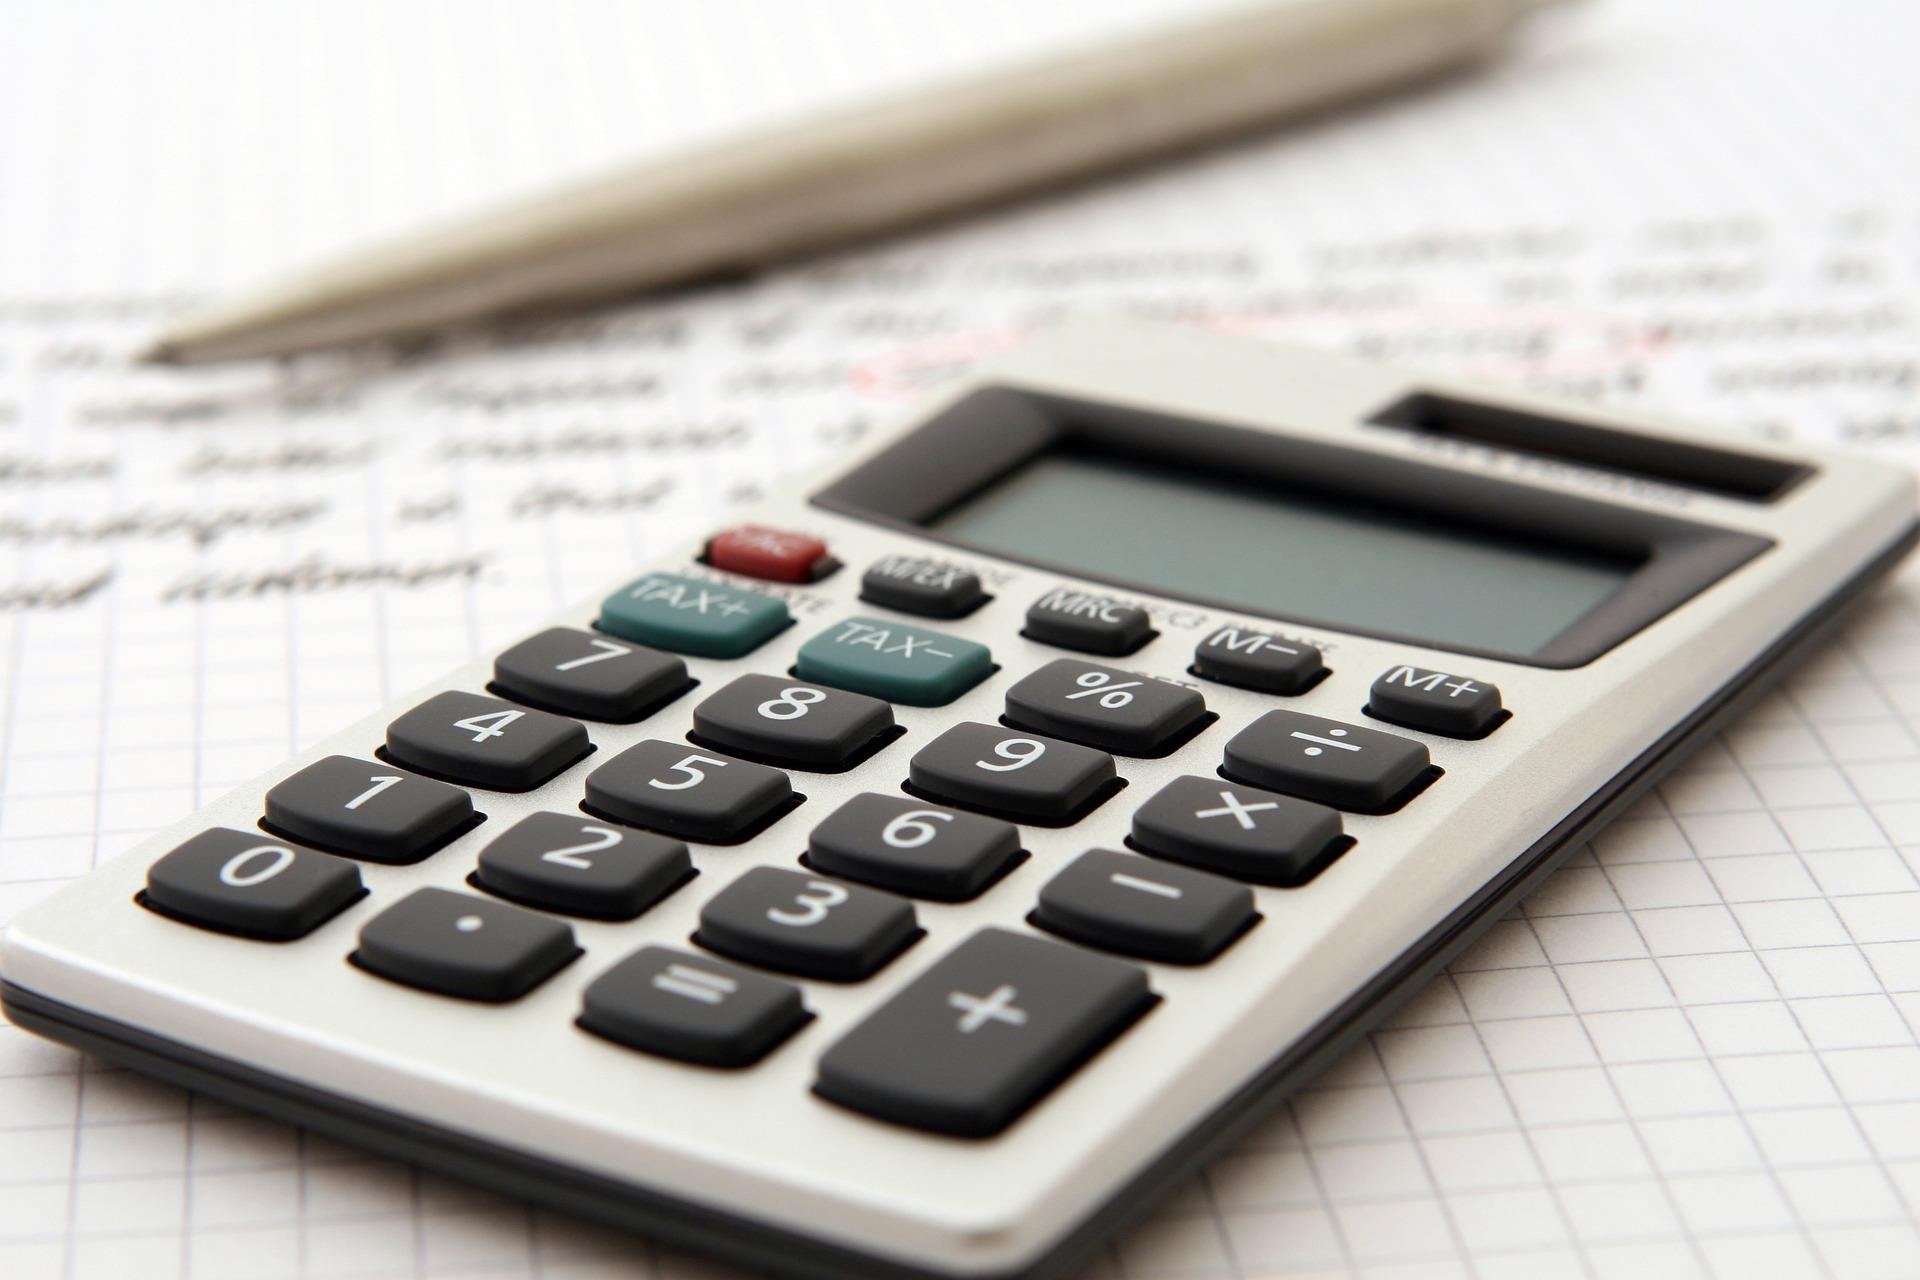 Construção e engenharia civil: Como organizar as finanças de final de ano da minha empresa?